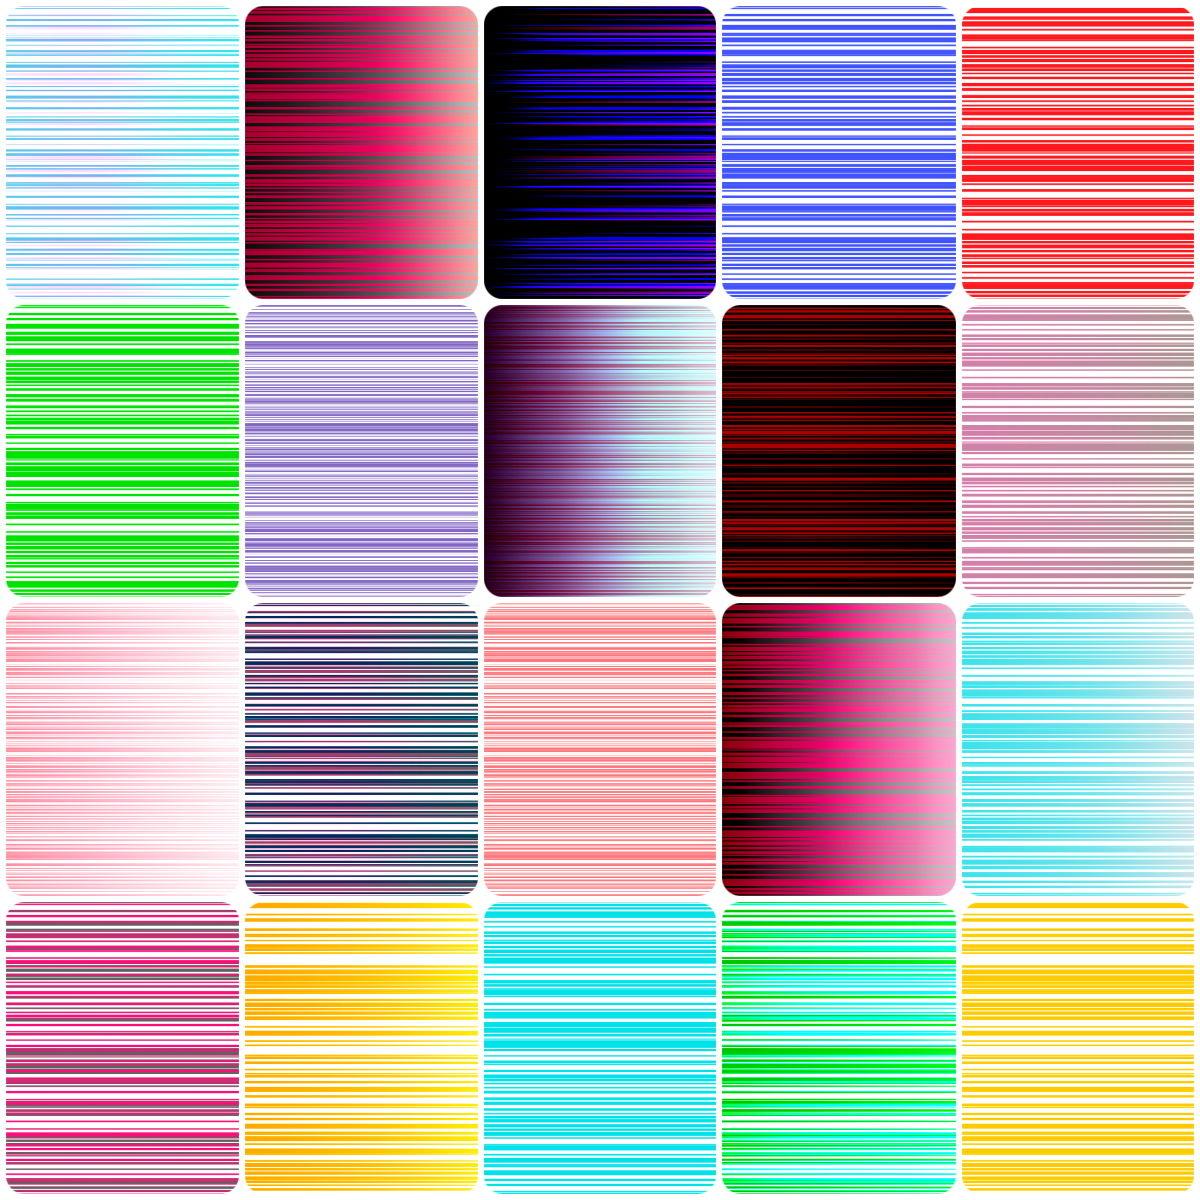 サンプル画像0:著作権フリー画像素材「スピード線背景 Vol.2」(ティービースター) [d_190380]